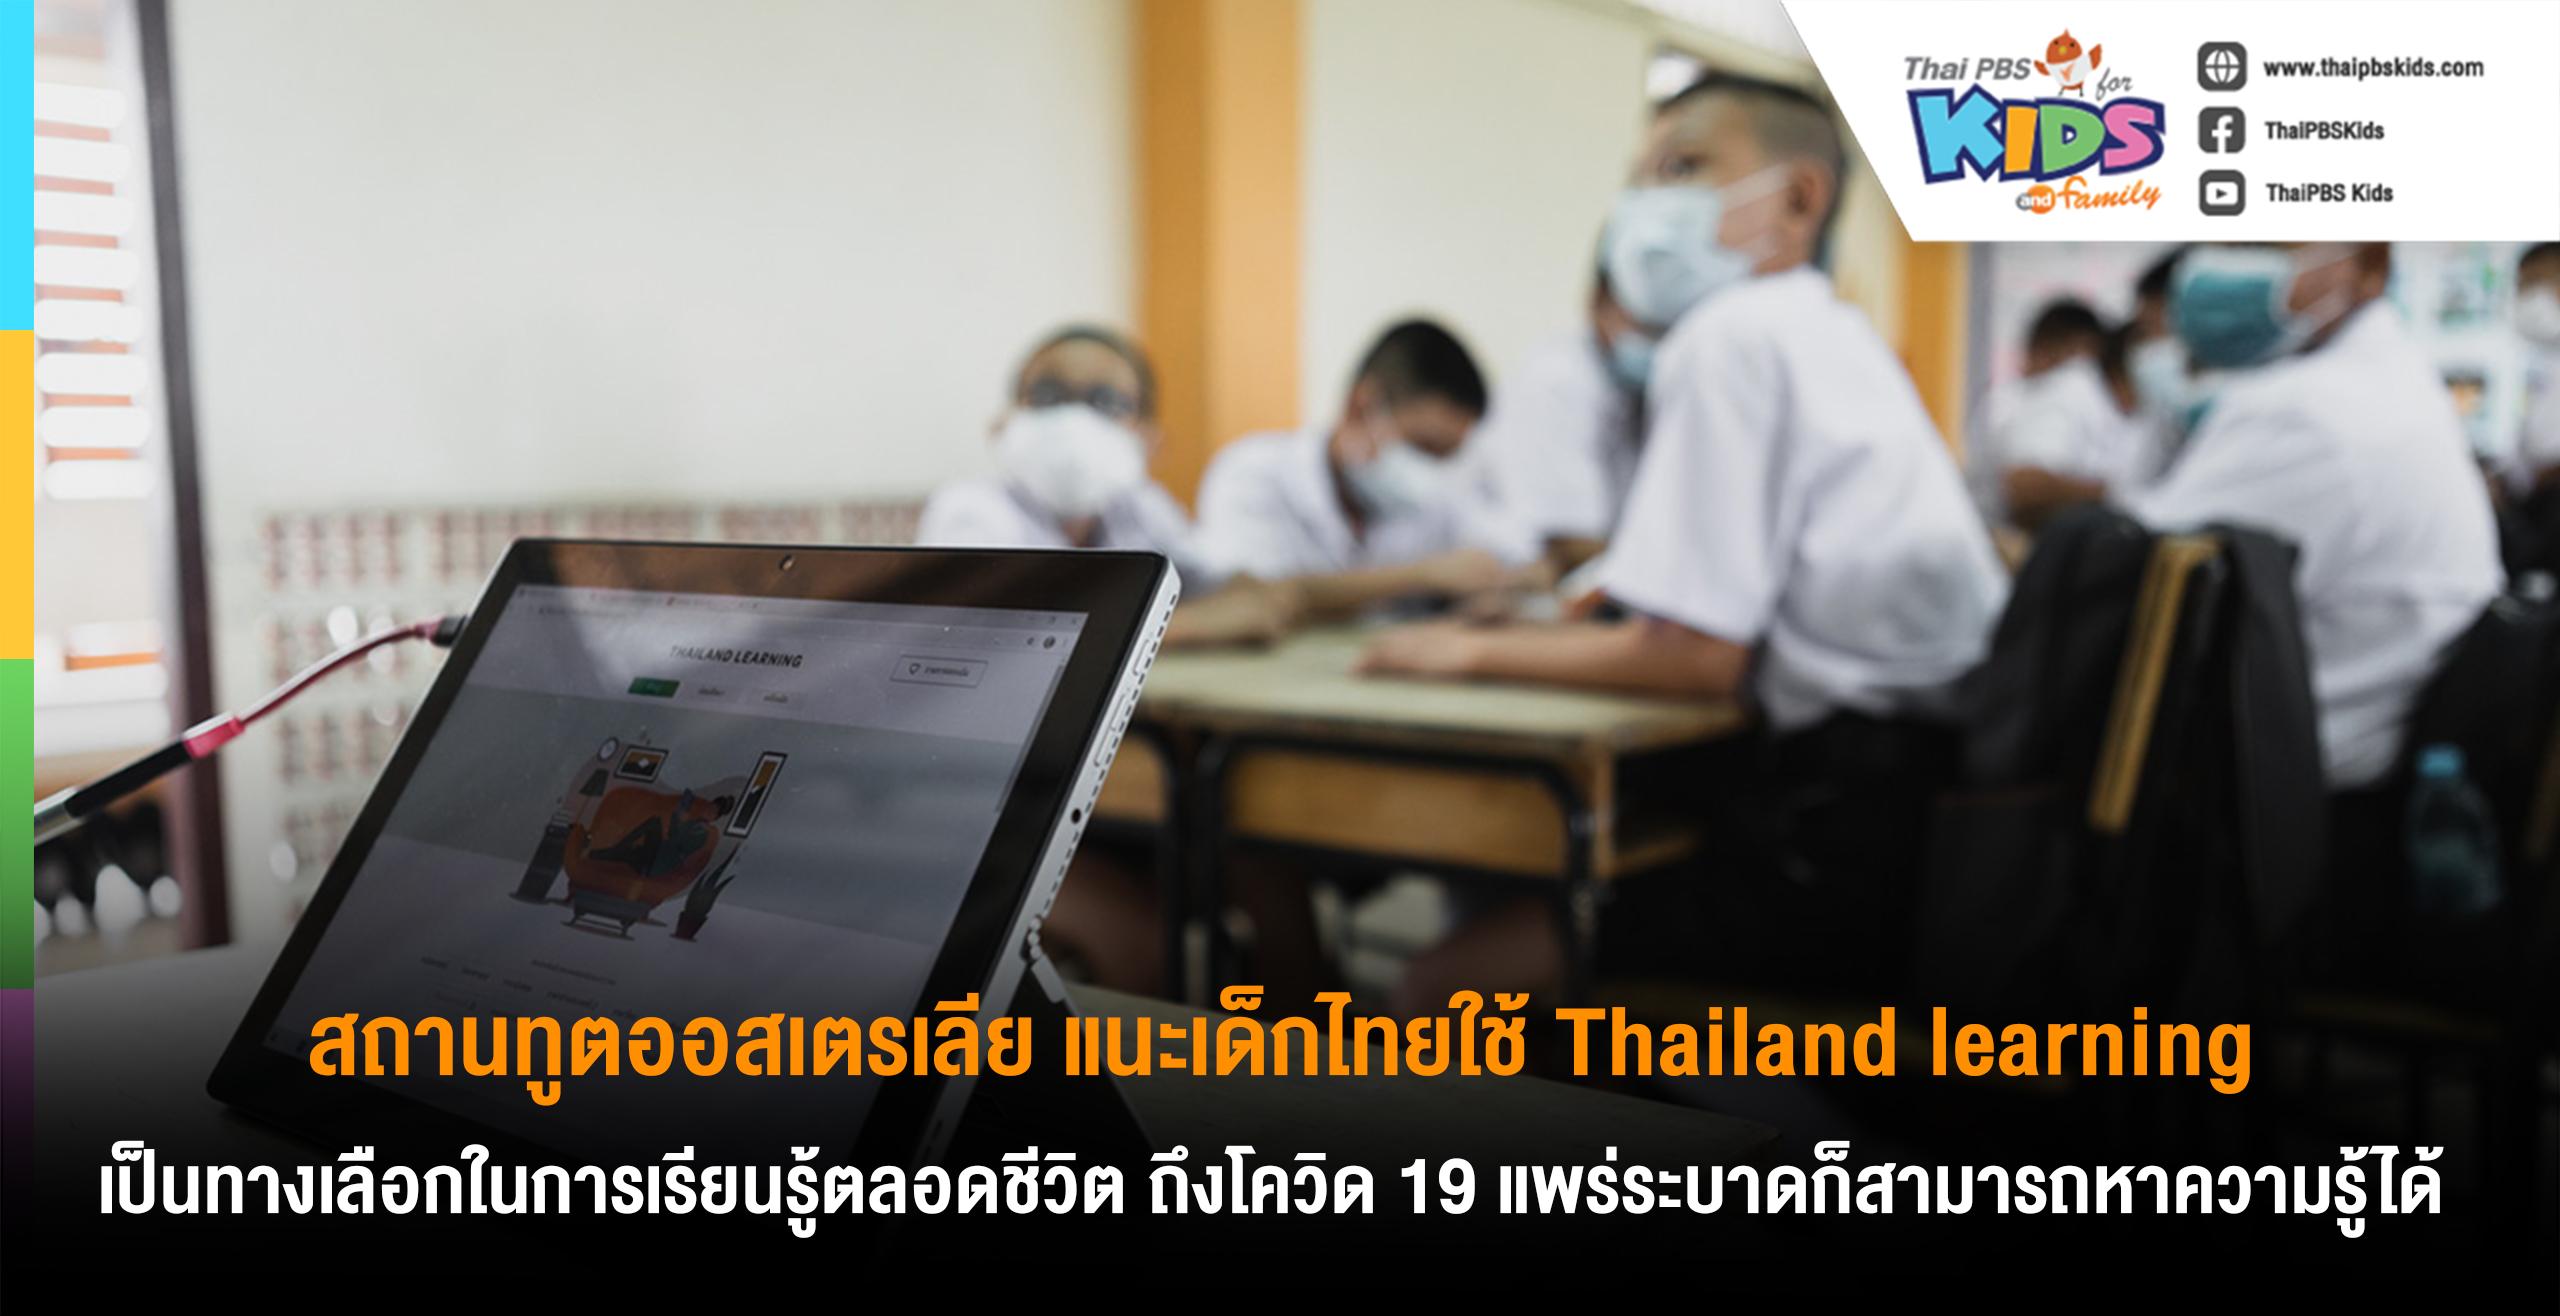 สถานทูตออสเตรเลีย แนะเด็กไทยใช้ Thailand learning เป็นทางเลือกในการเรียนรู้ตลอดชีวิต ถึงโควิด 19 แพร่ระบาดก็สามารถหาความรู้ได้